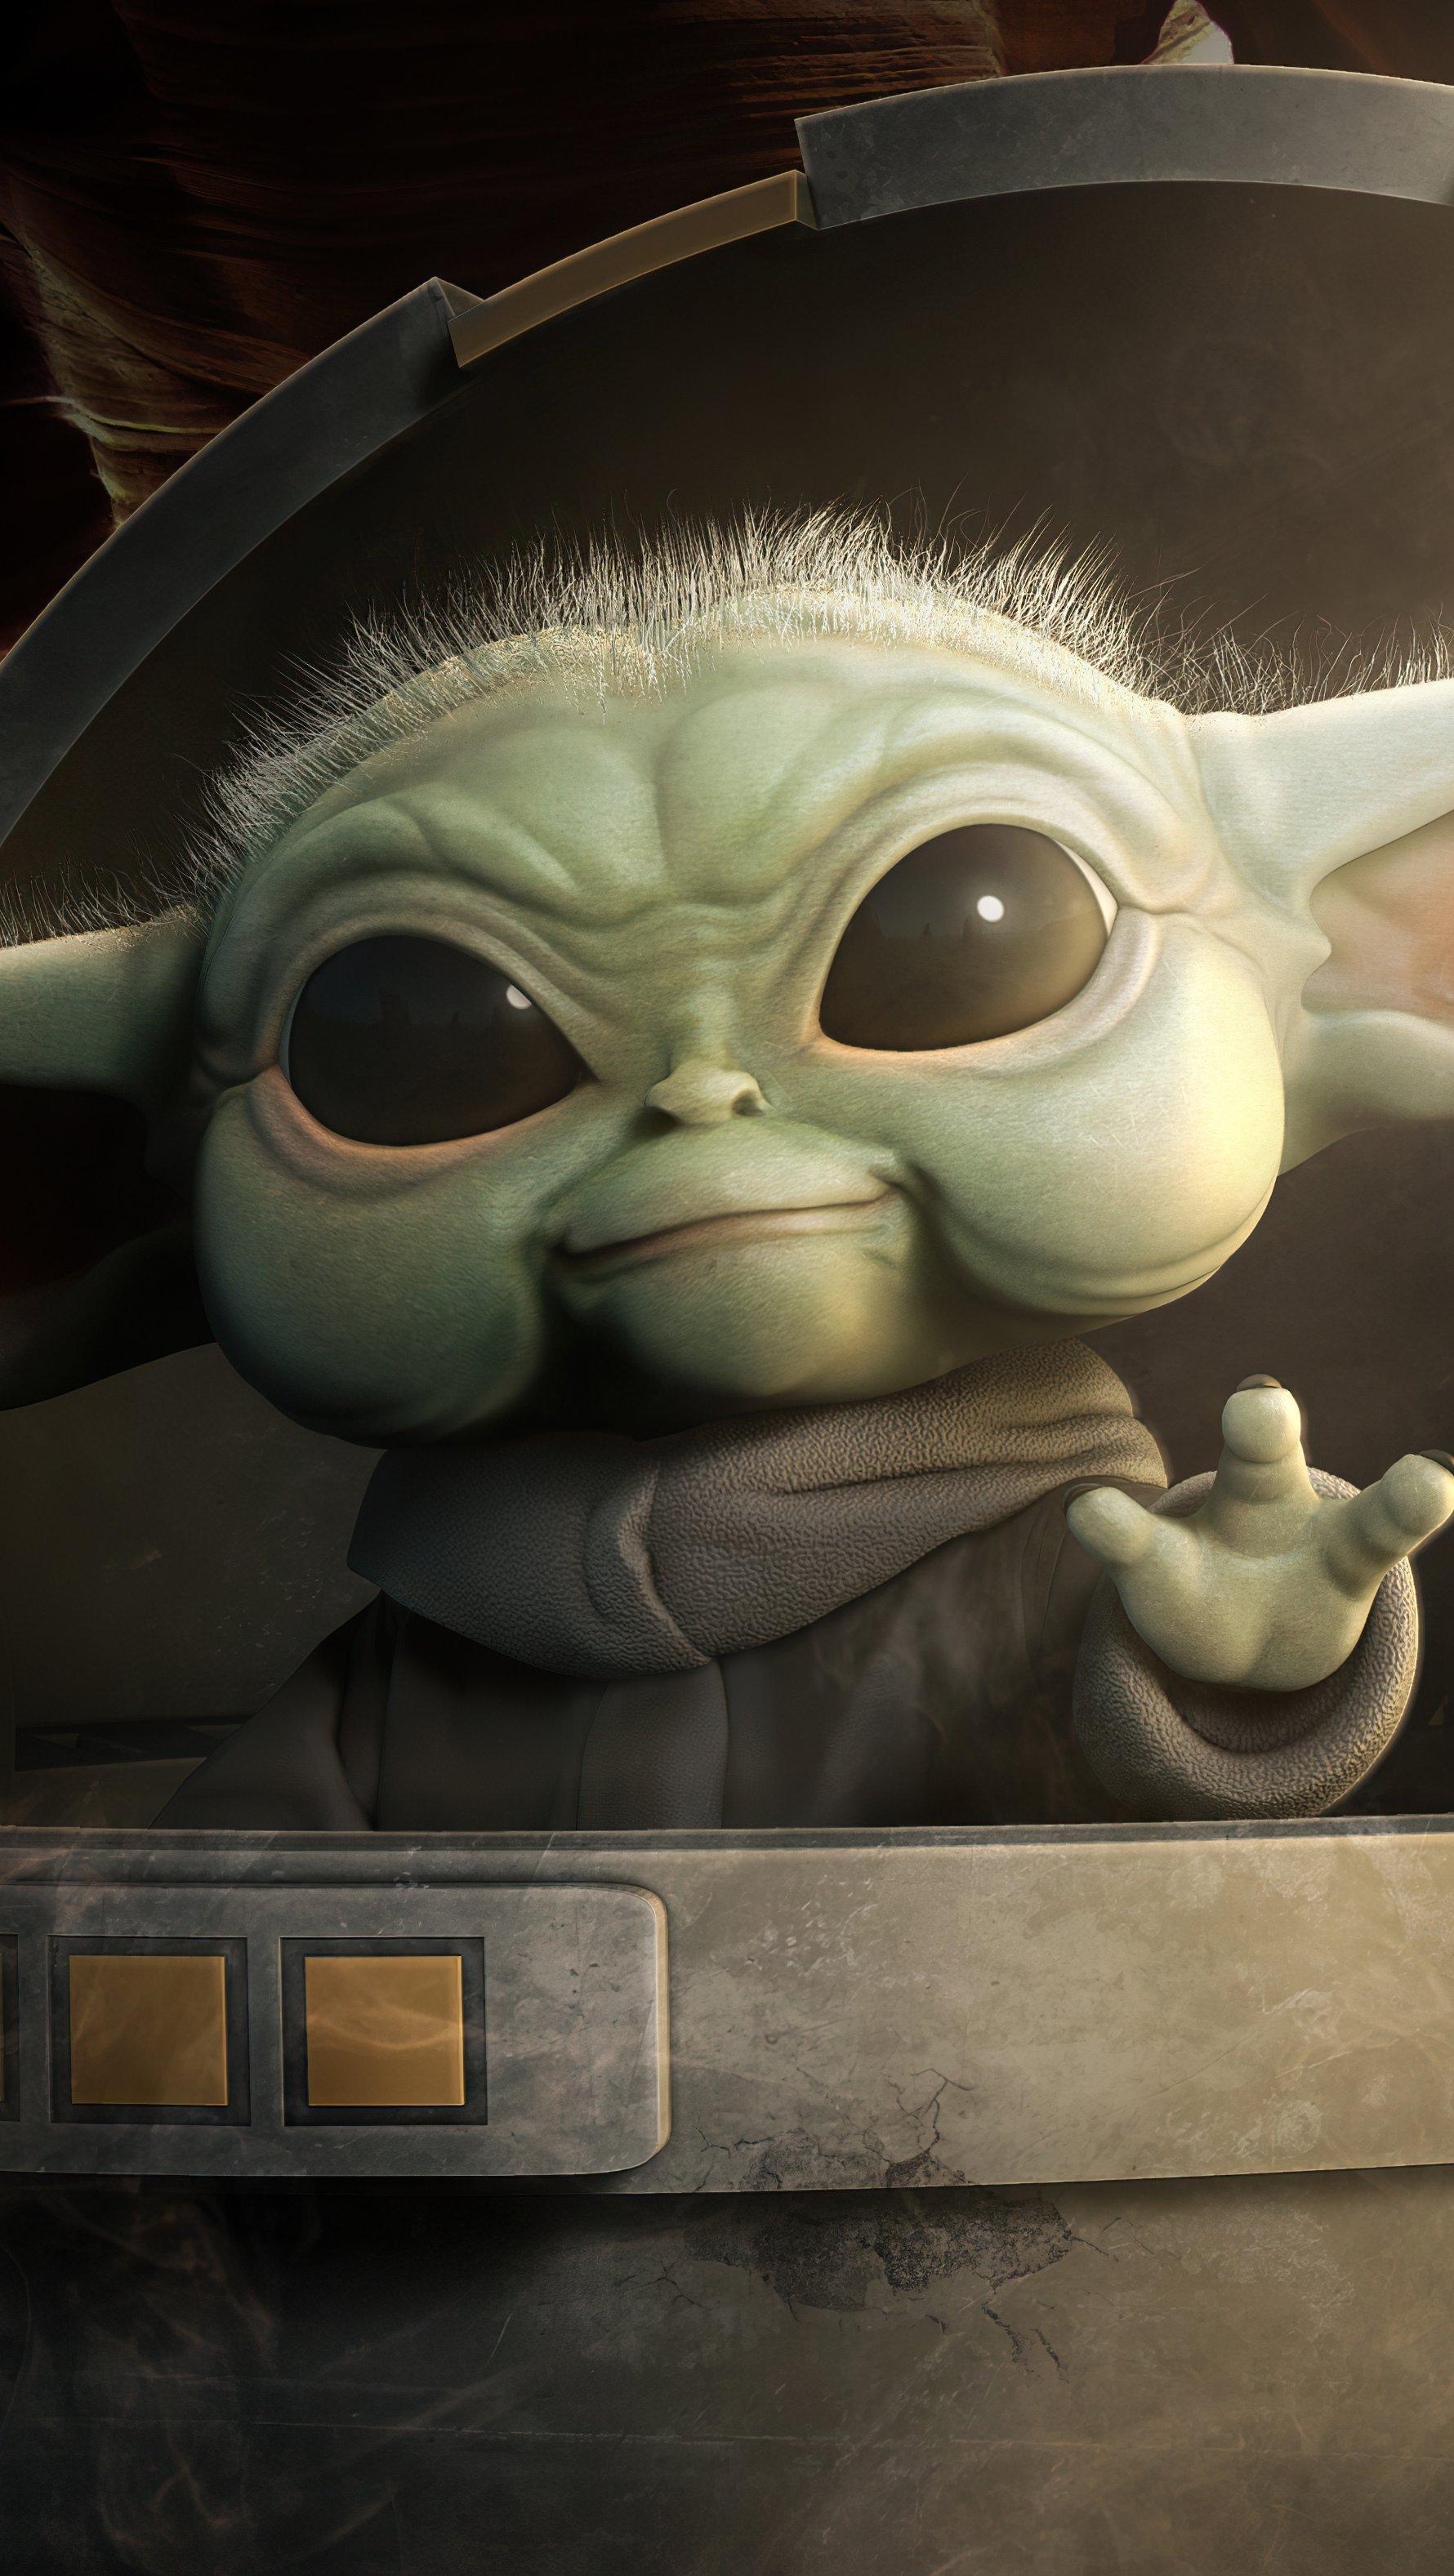 Fondos de pantalla Baby Yoda Vertical